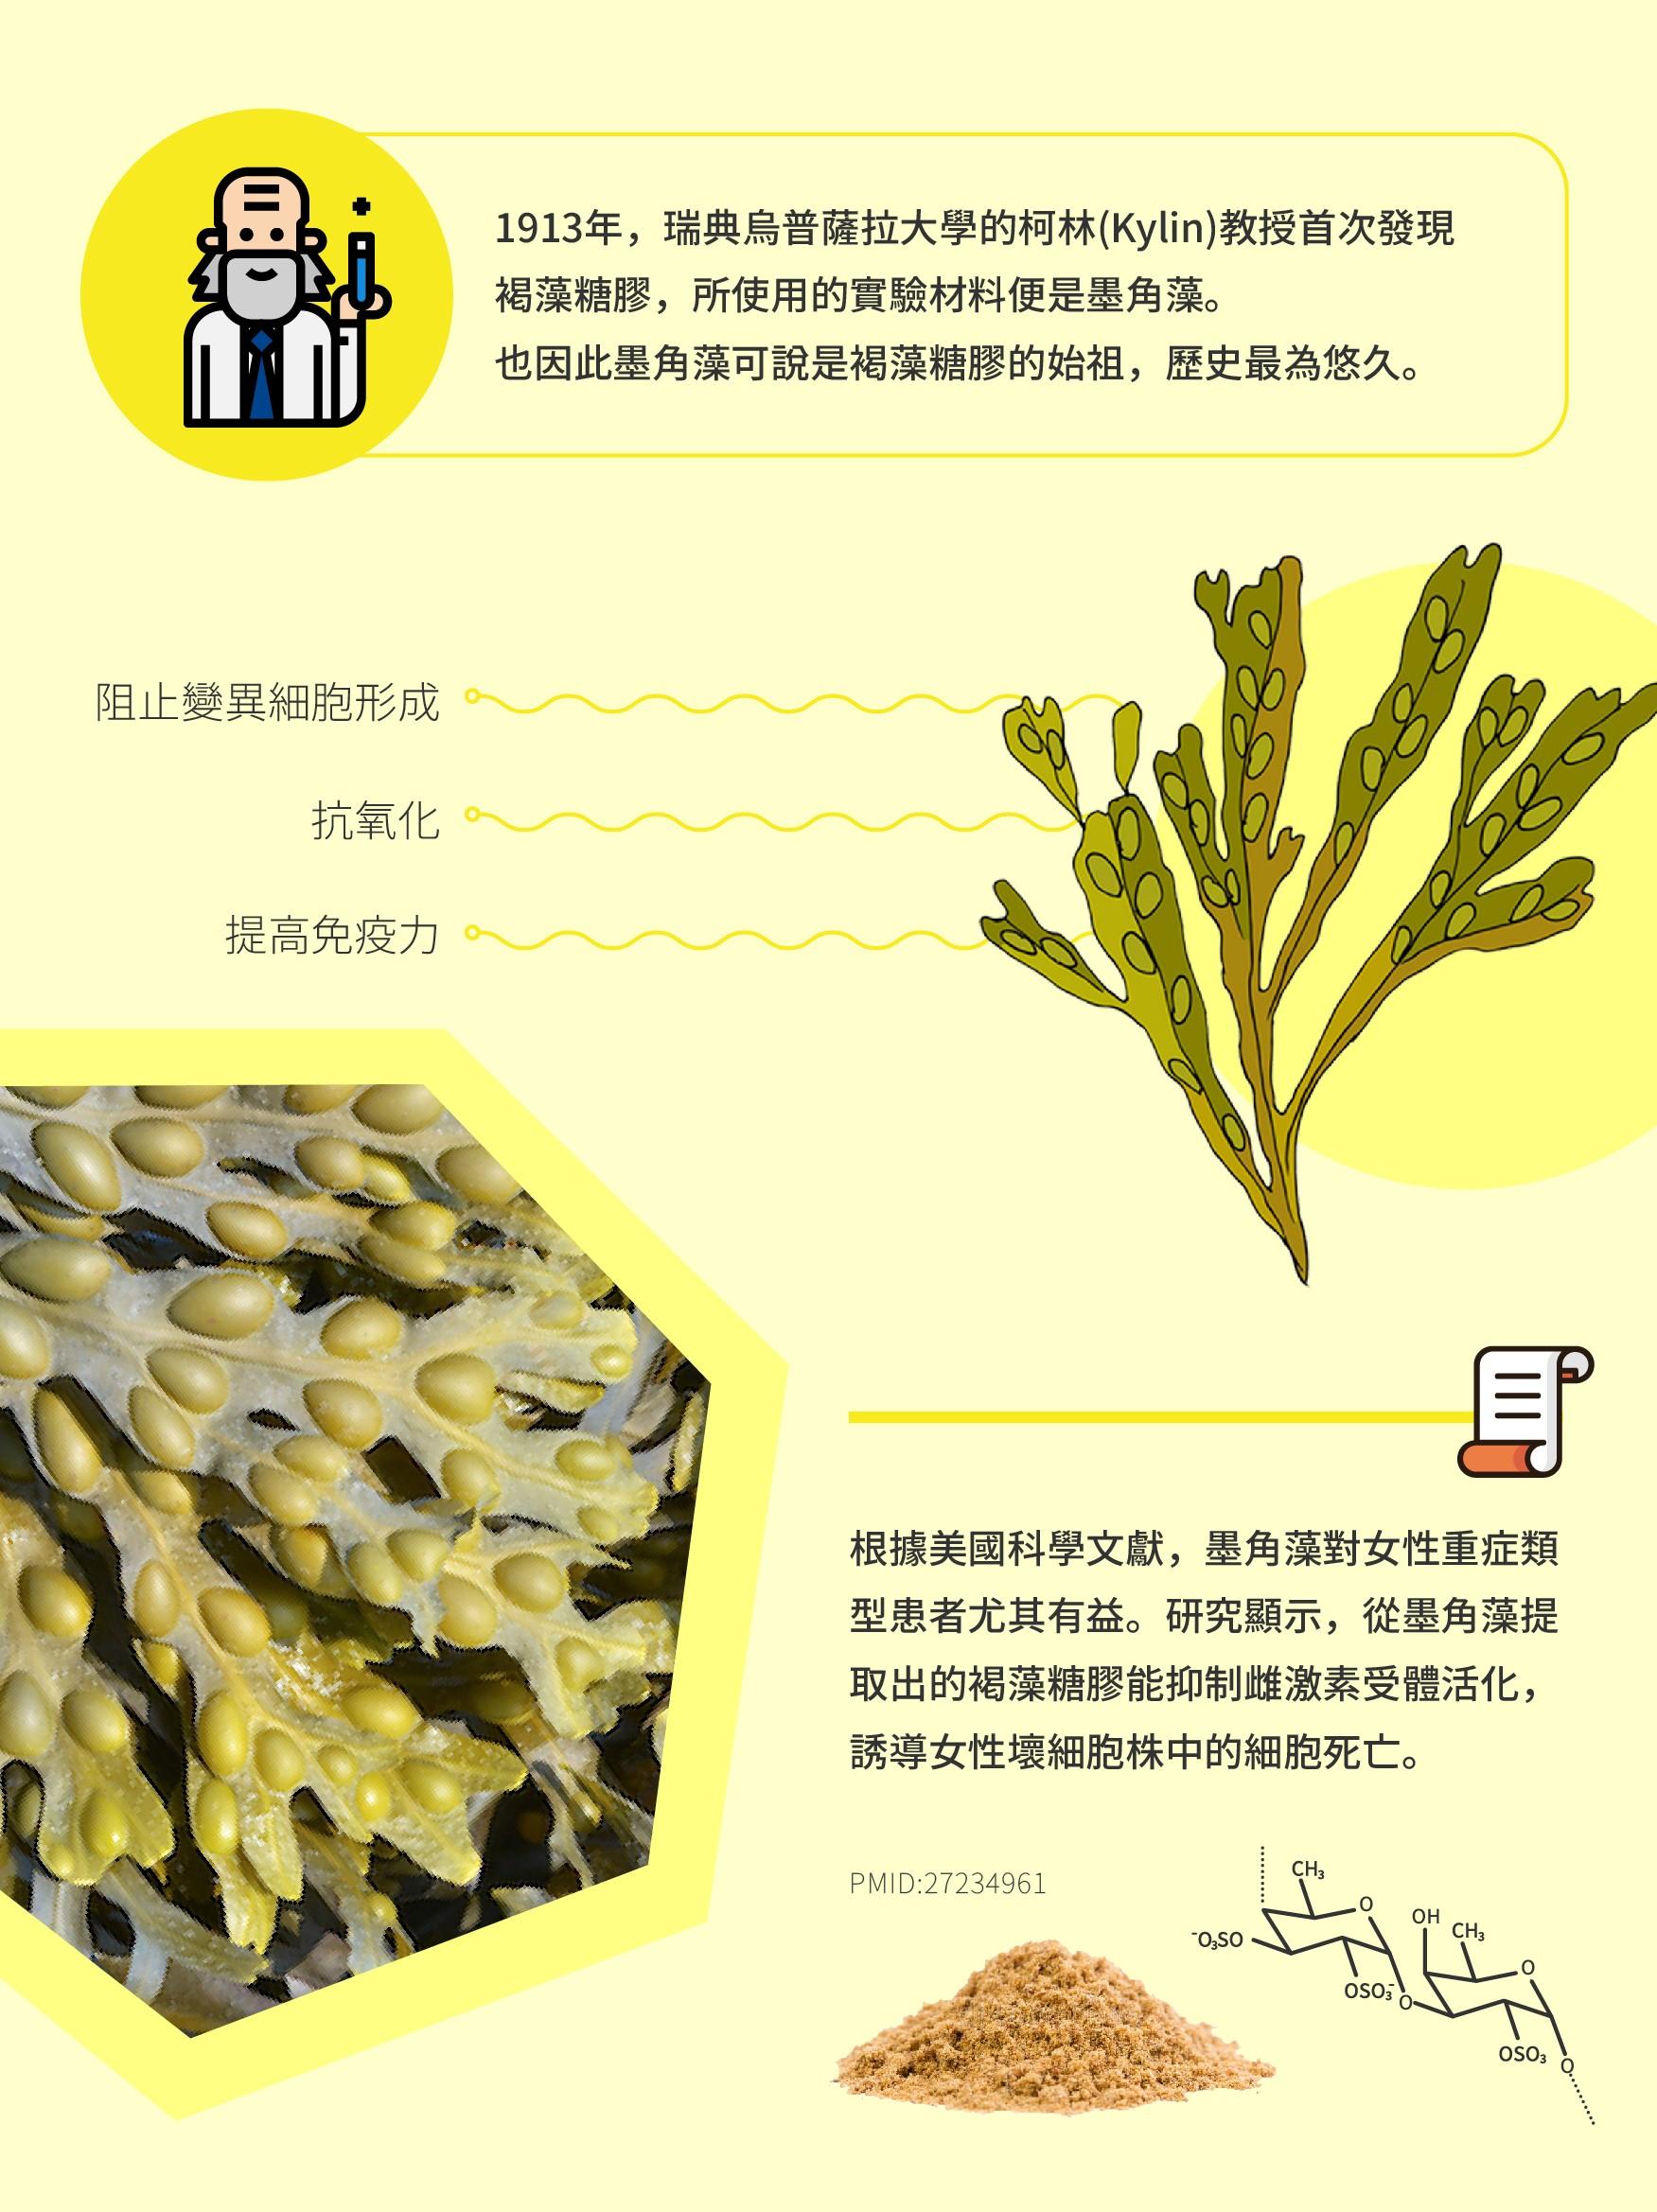 墨角藻介紹(長圖)